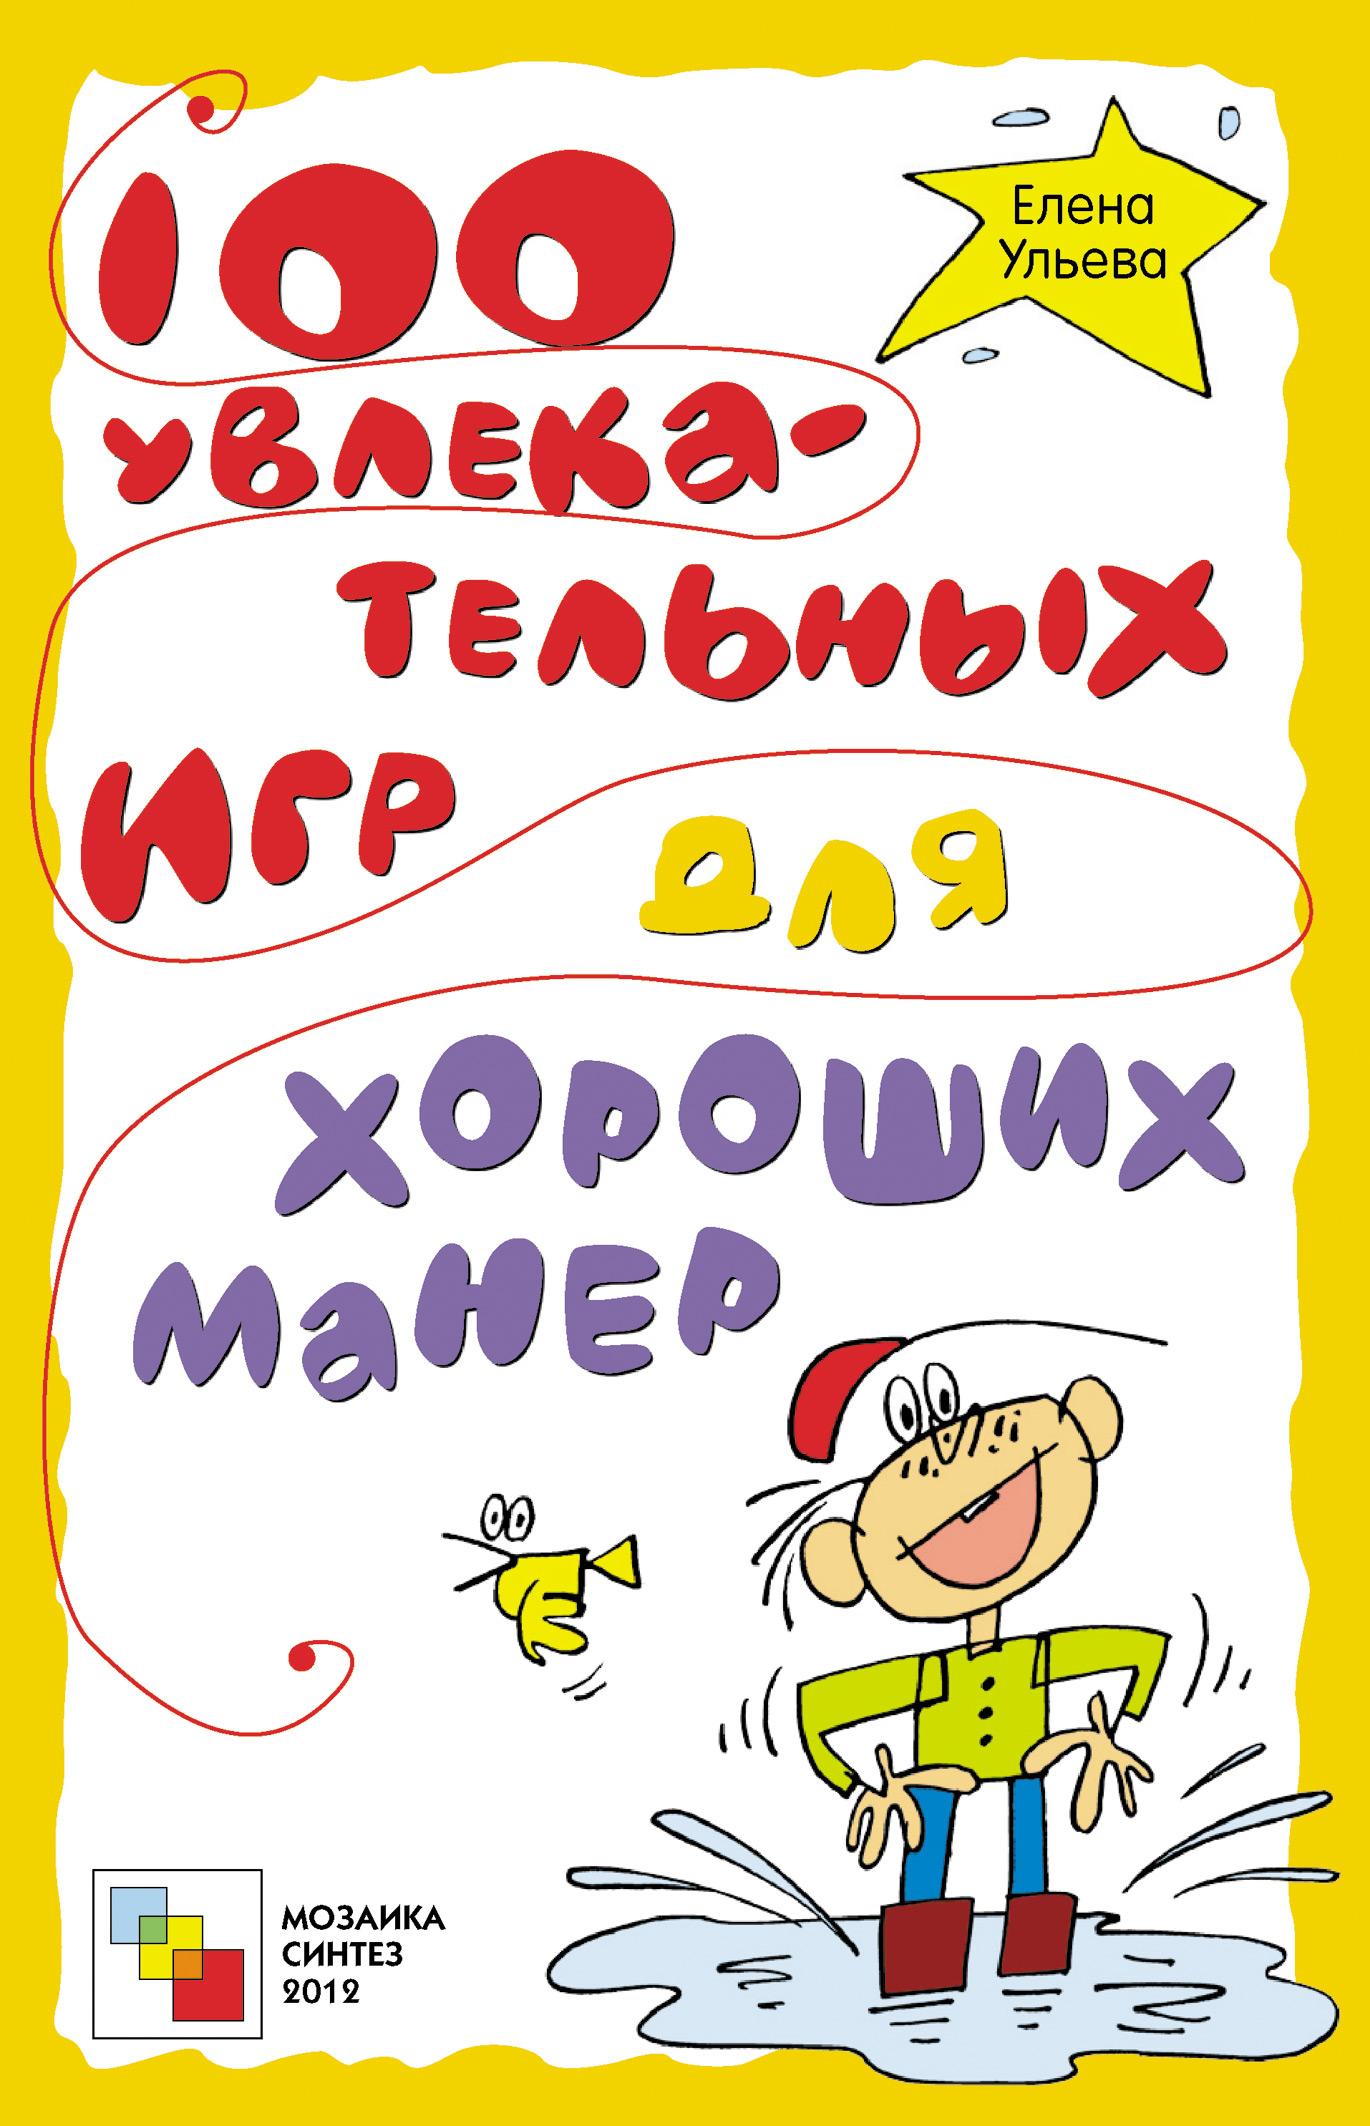 Елена Ульева 100 увлекательных игр для хороших манер елена ульева 100 увлекательных игр для хороших манер